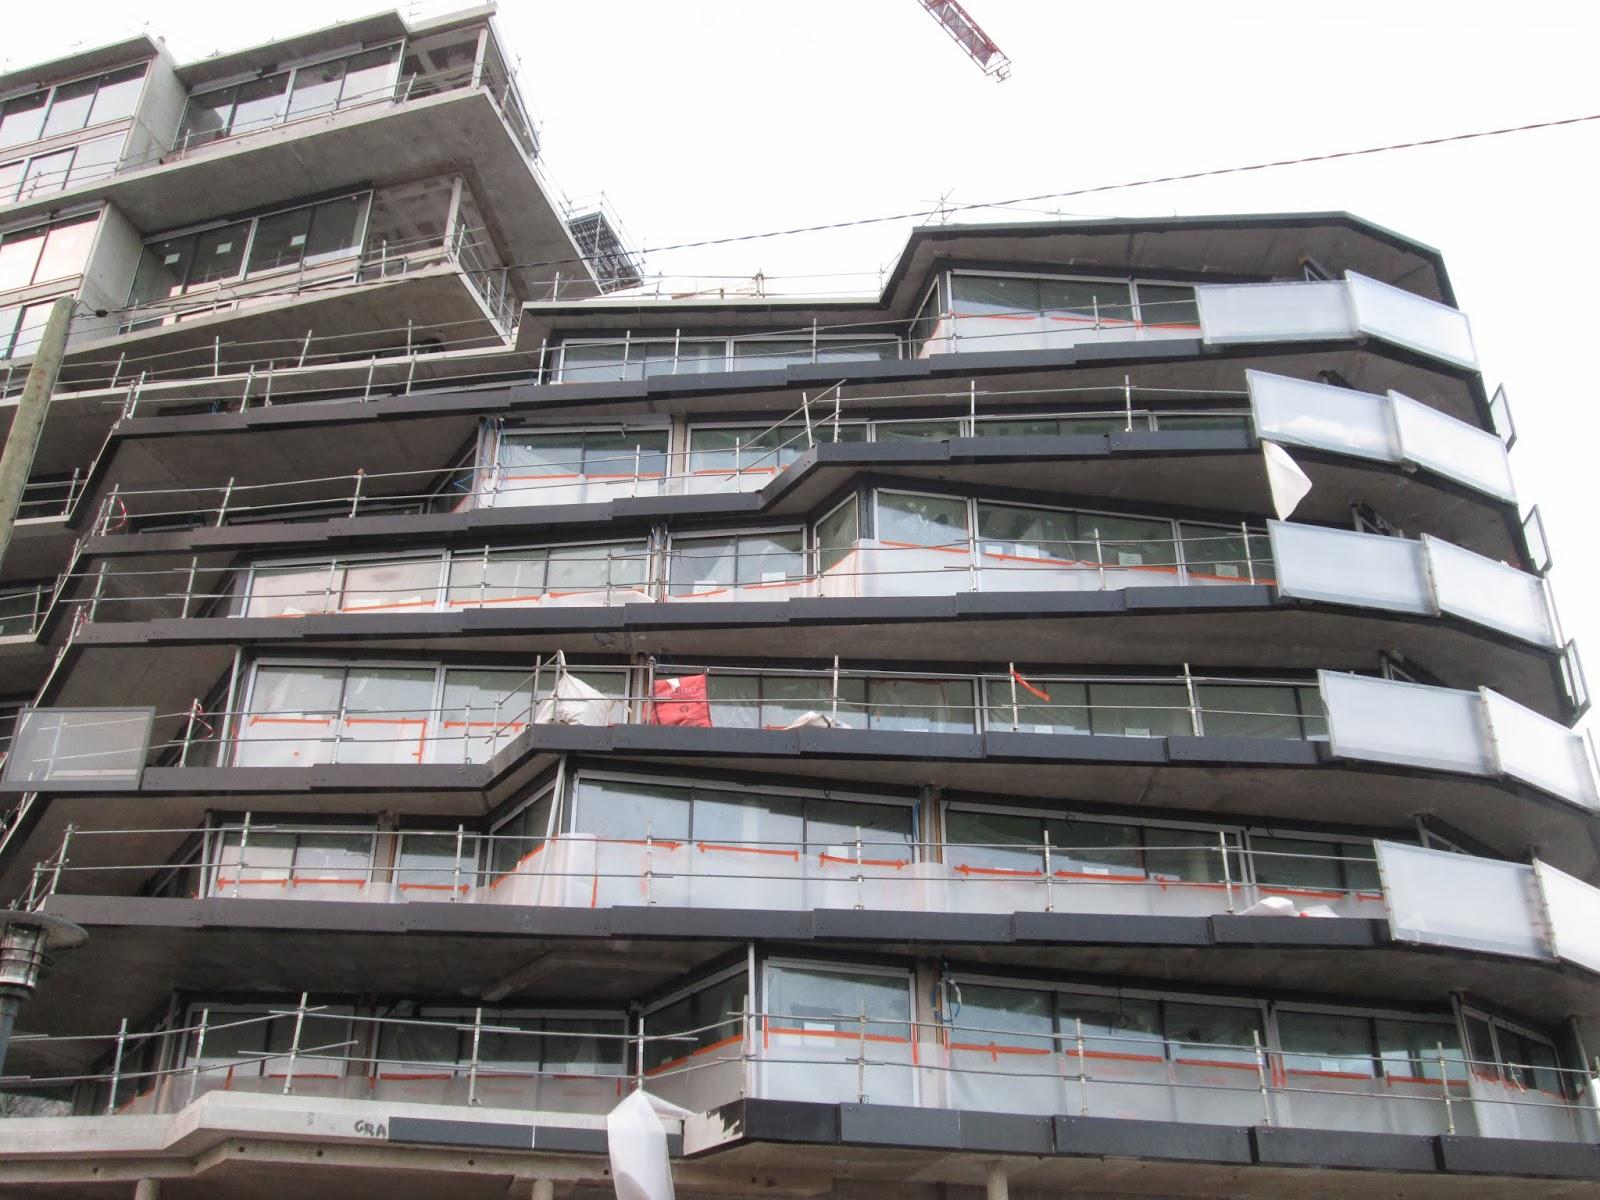 Entrevoir jean nouvel l 39 immeuble cap mail rennes - Immeuble jean nouvel rennes ...